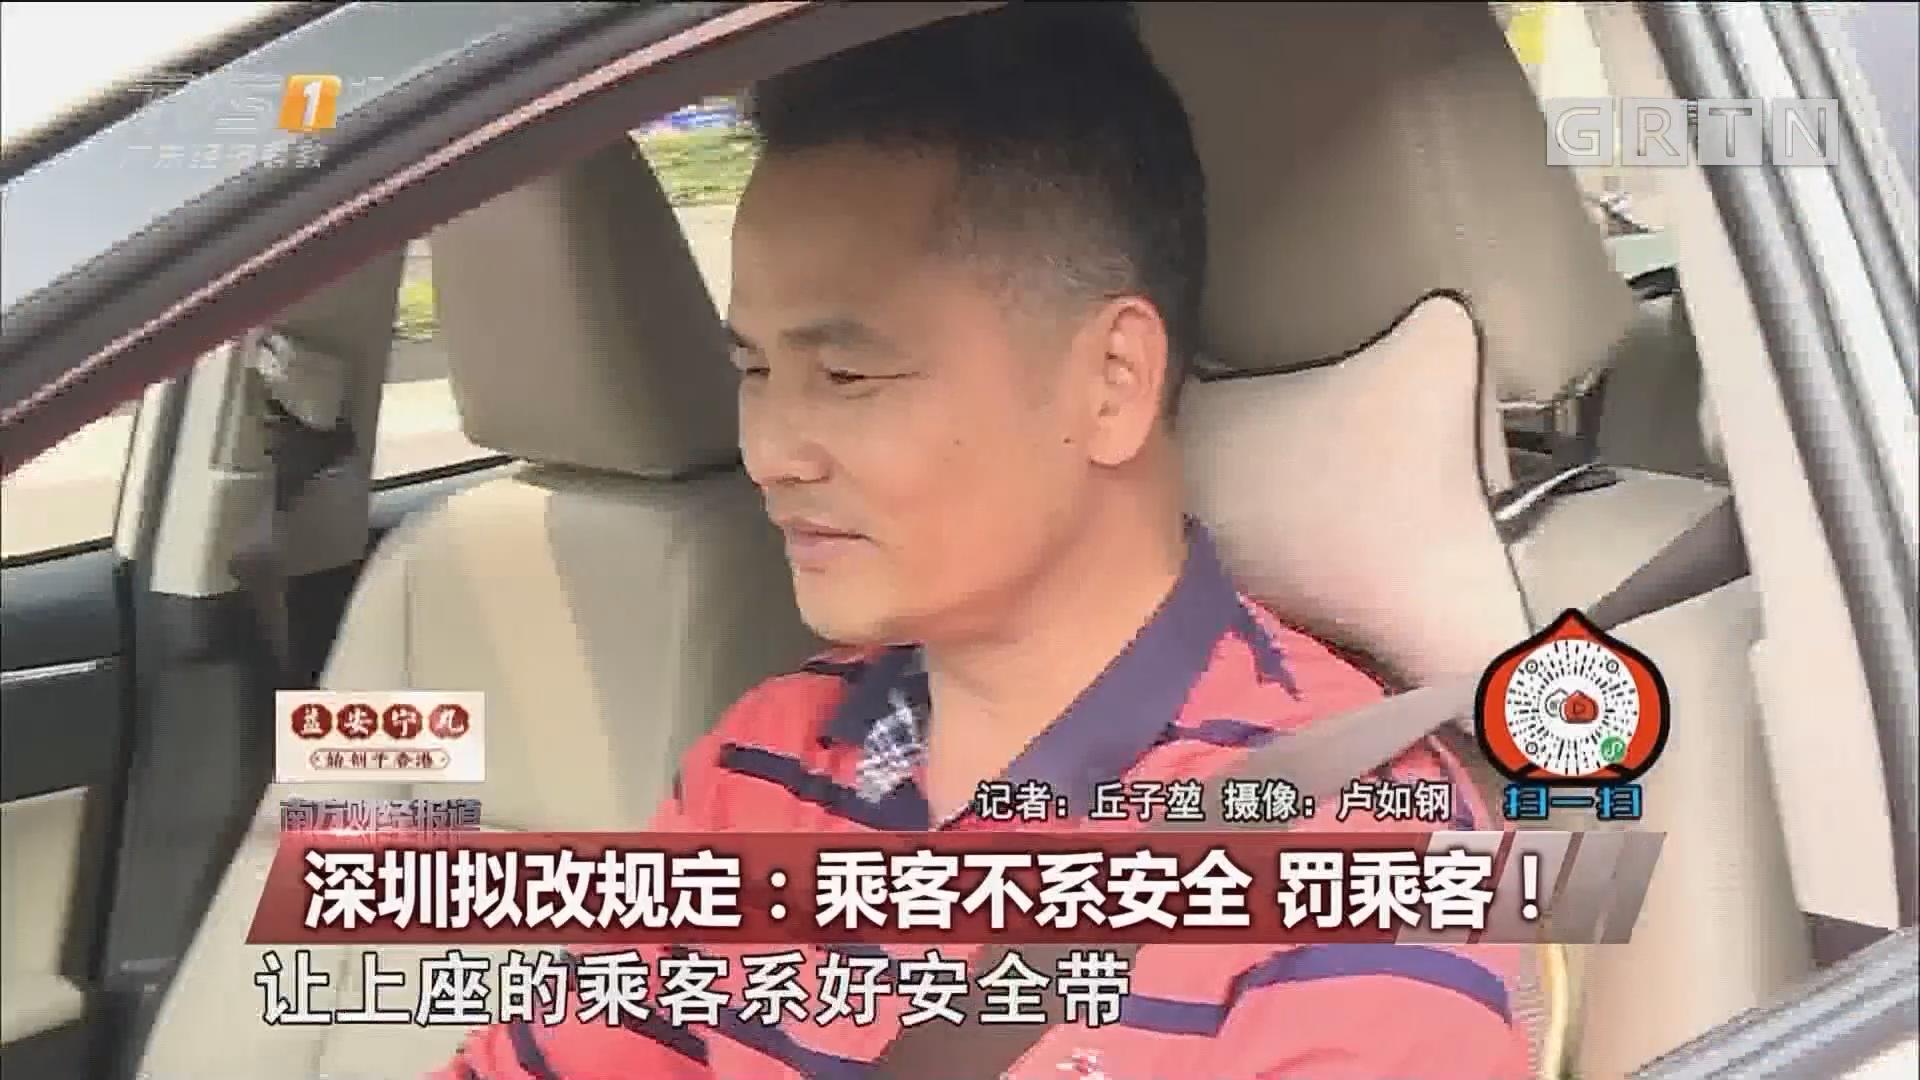 深圳拟改规定:乘客不系安全 罚乘客!